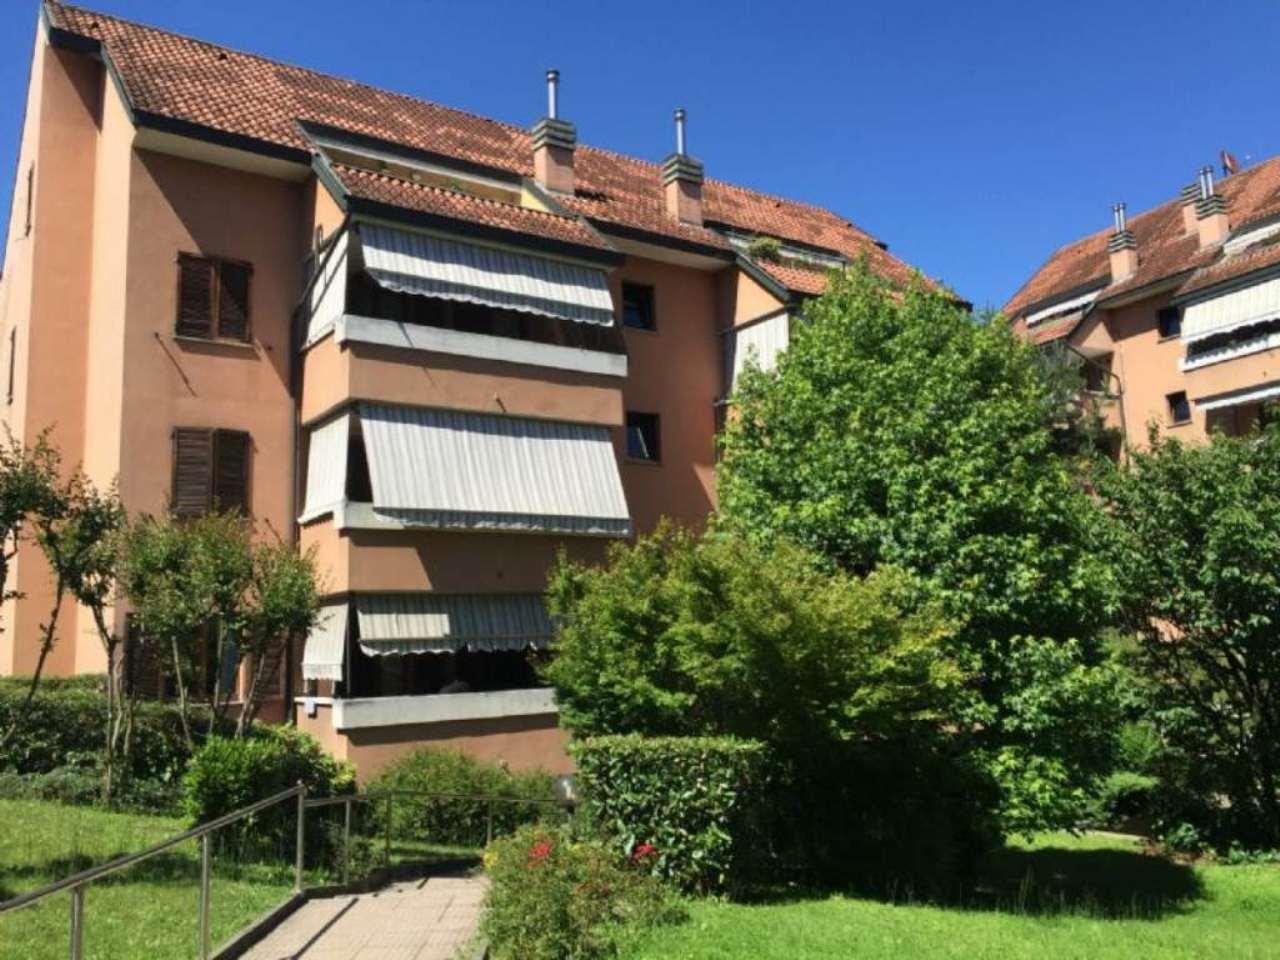 Bilocale Cavenago di Brianza Via Mazzini 2